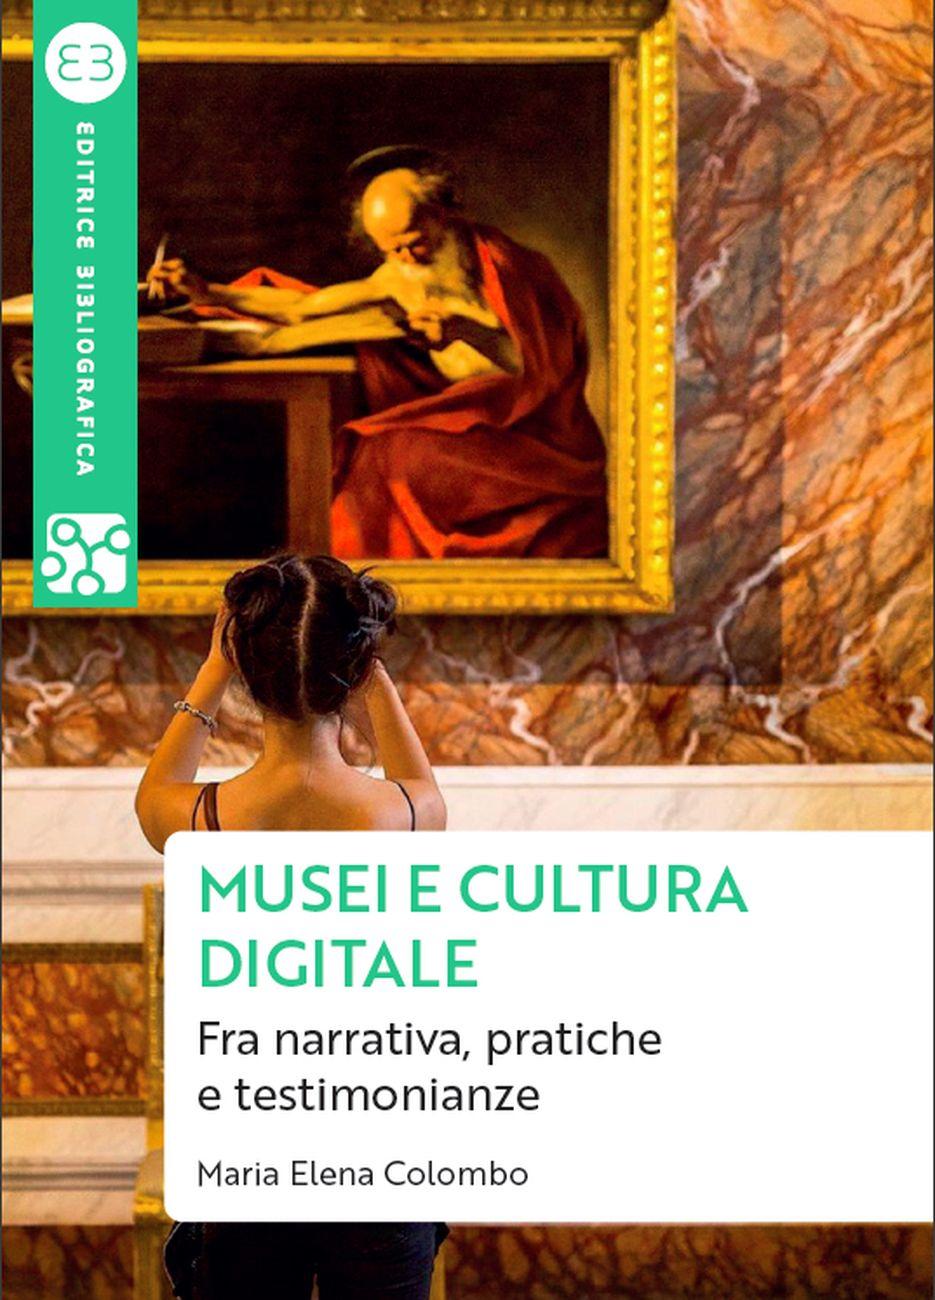 Maria Elena Colombo – Musei e cultura digitale (Editrice Bibliografica, Milano 2020)